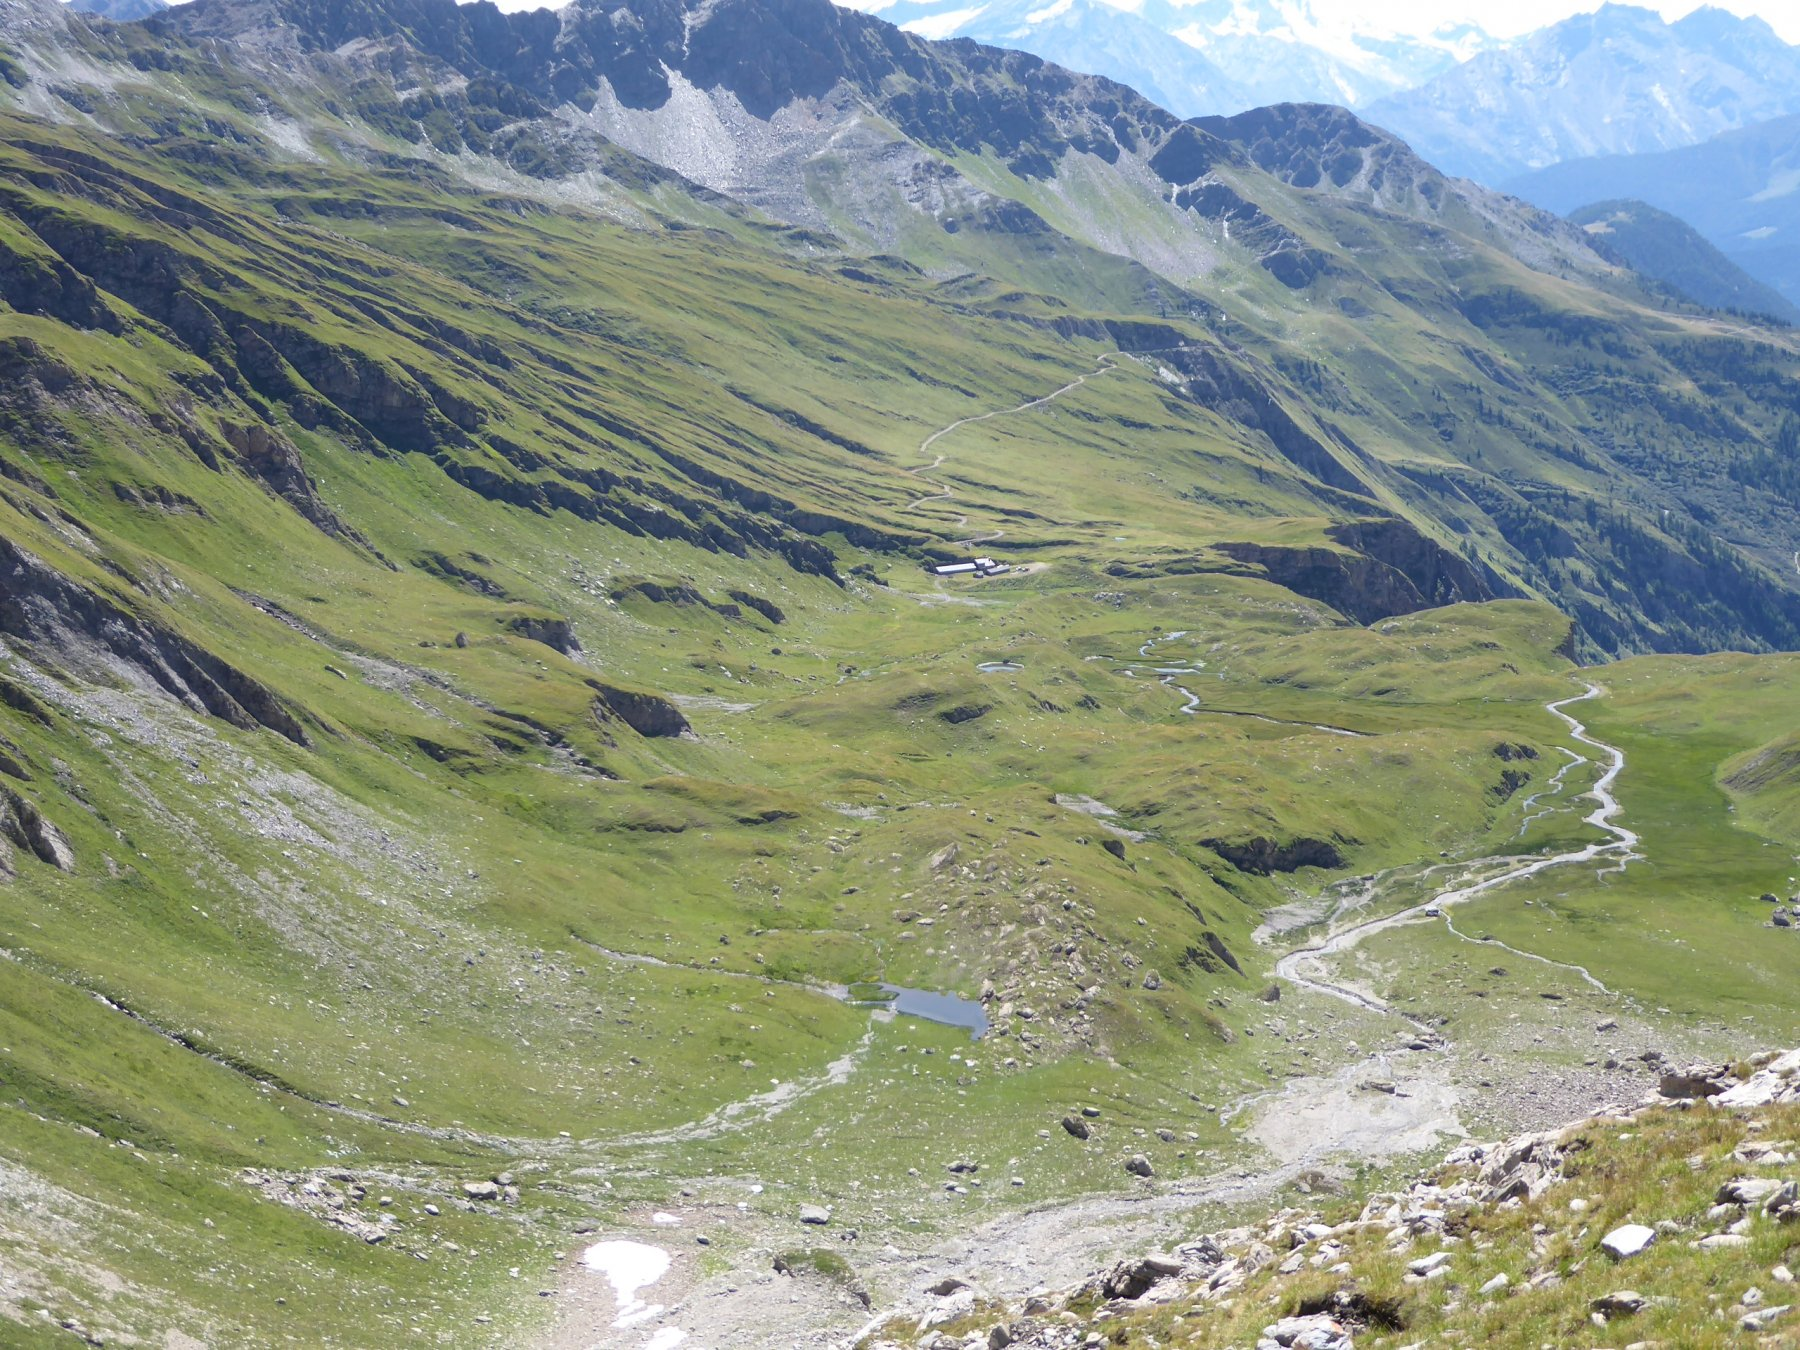 scendendo dal canale verso il laghetto a 2400 m e l'alpe Bonalex